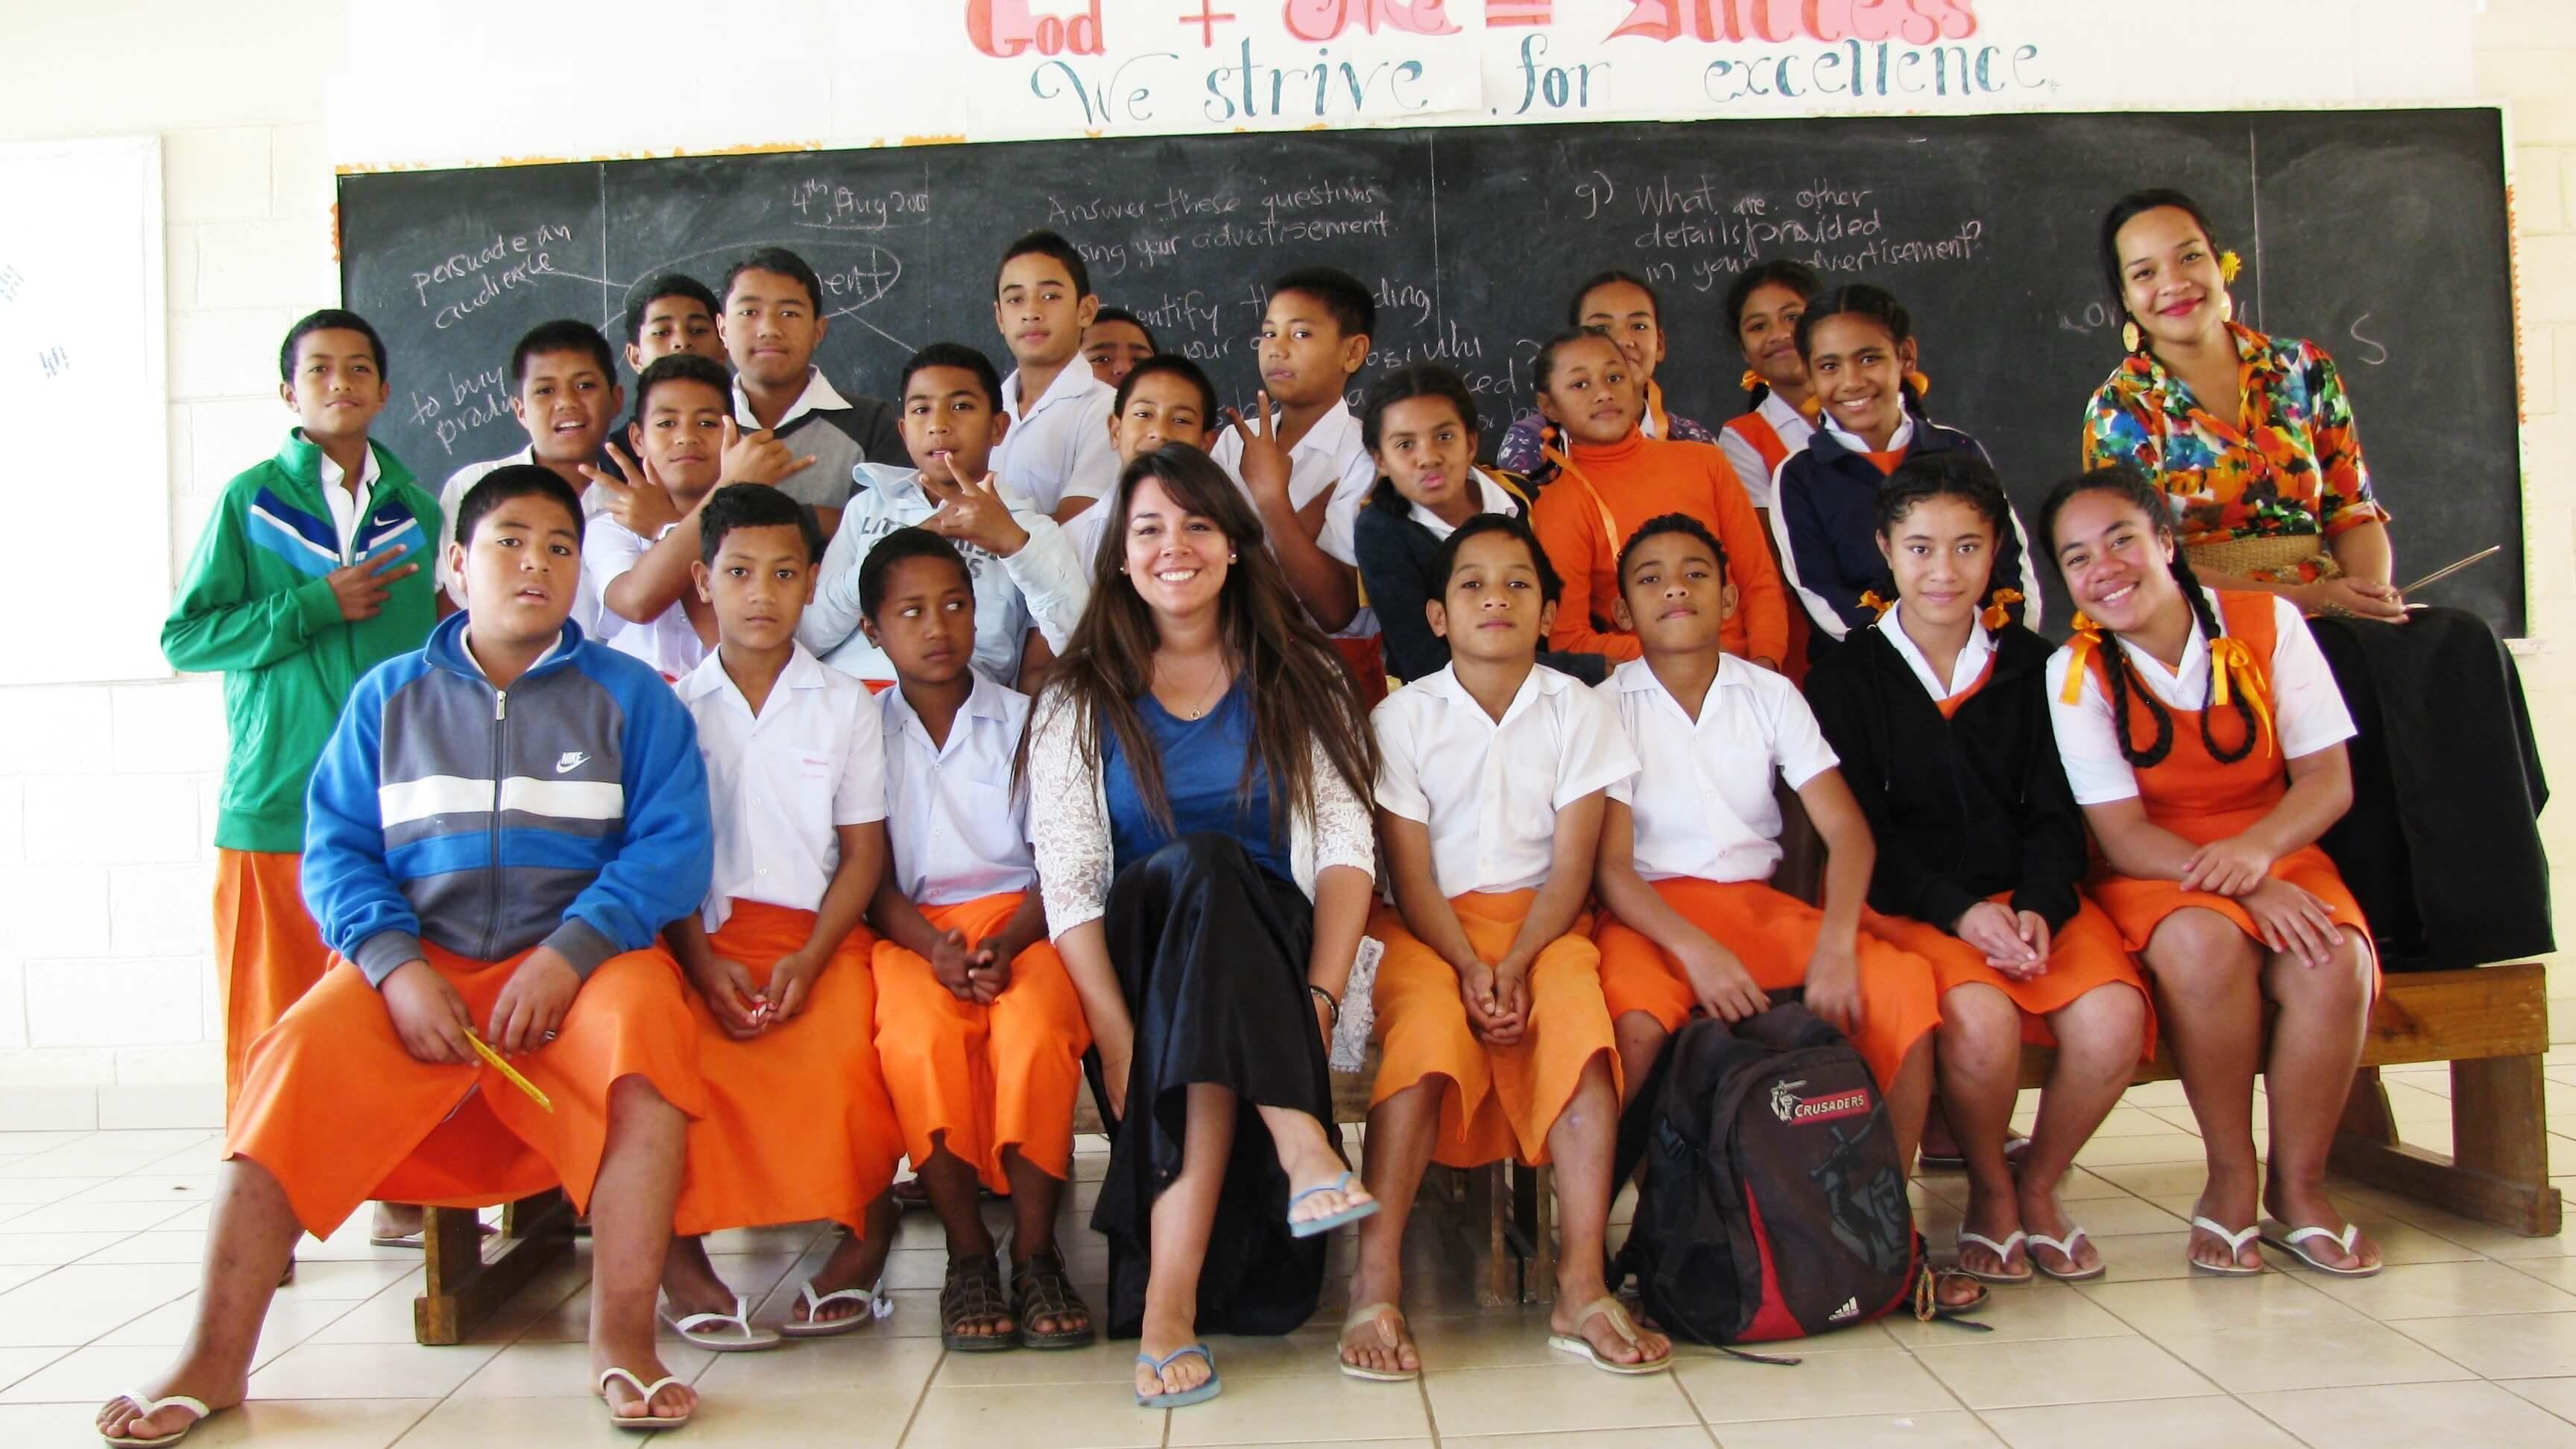 El voluntariado en Tonga que cambió mi vida